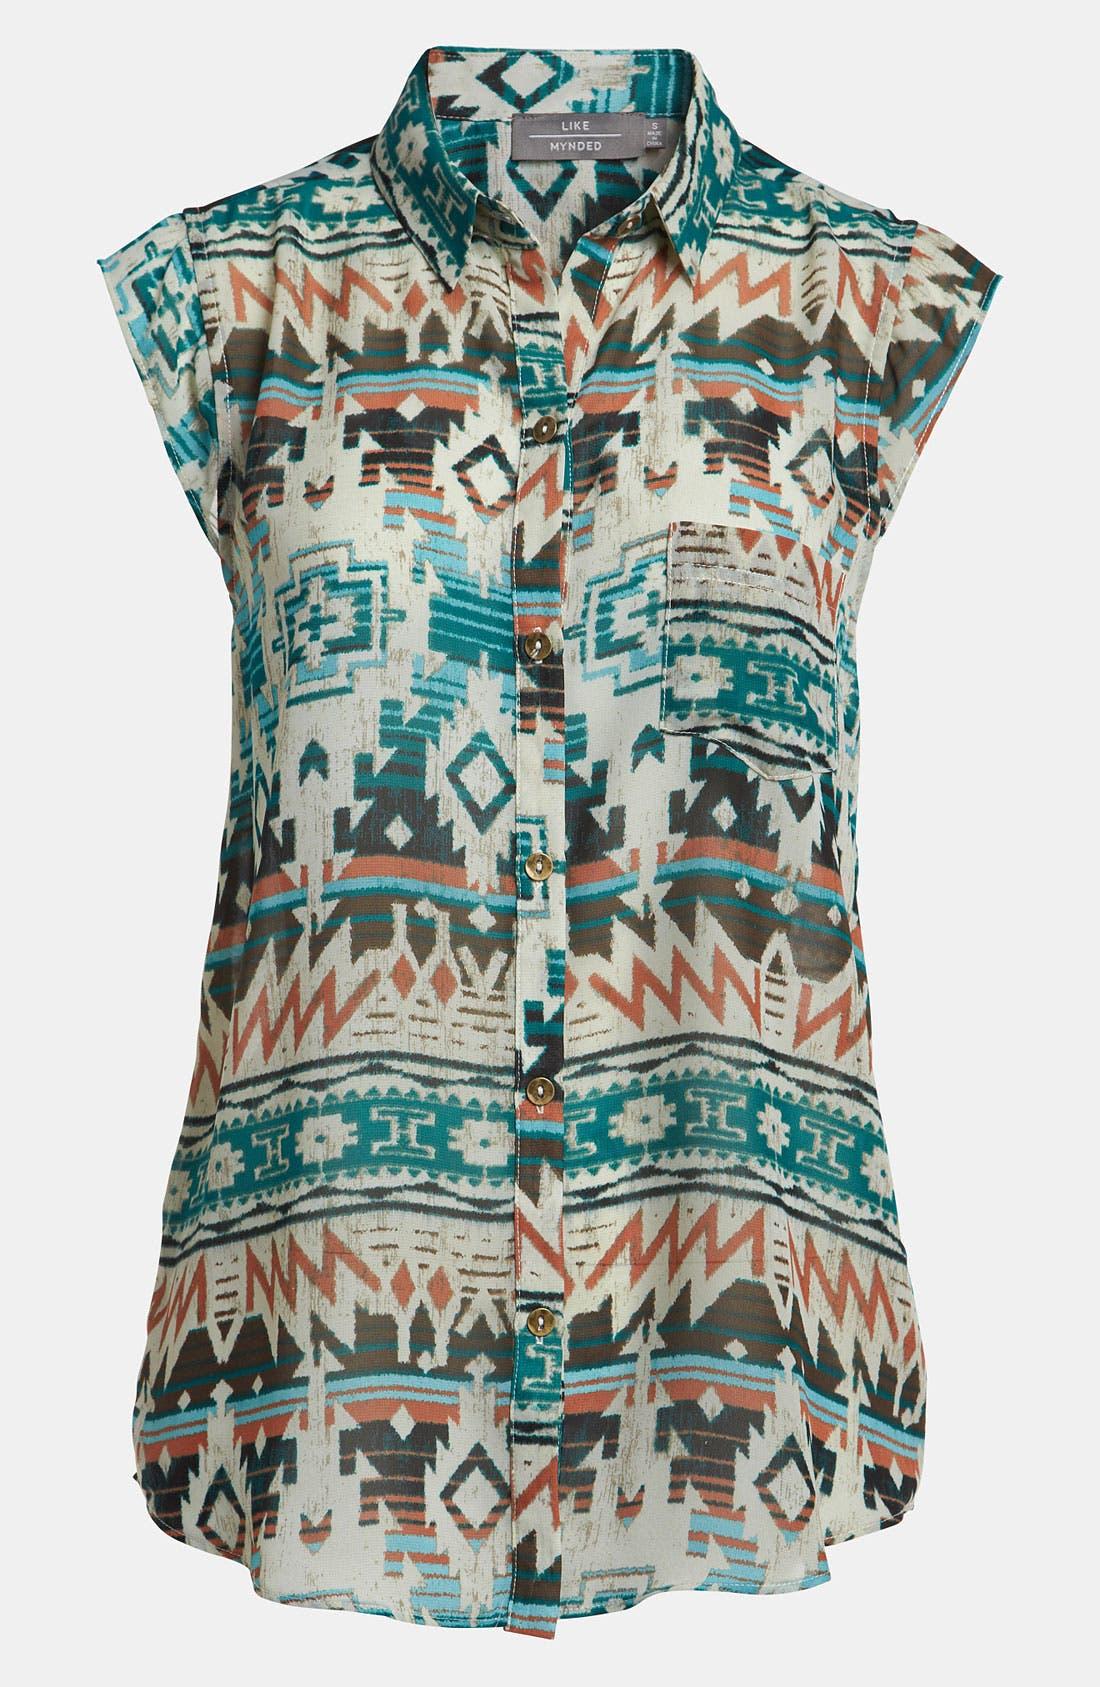 Main Image - Like Mynded Aztec Print Sleeveless Shirt